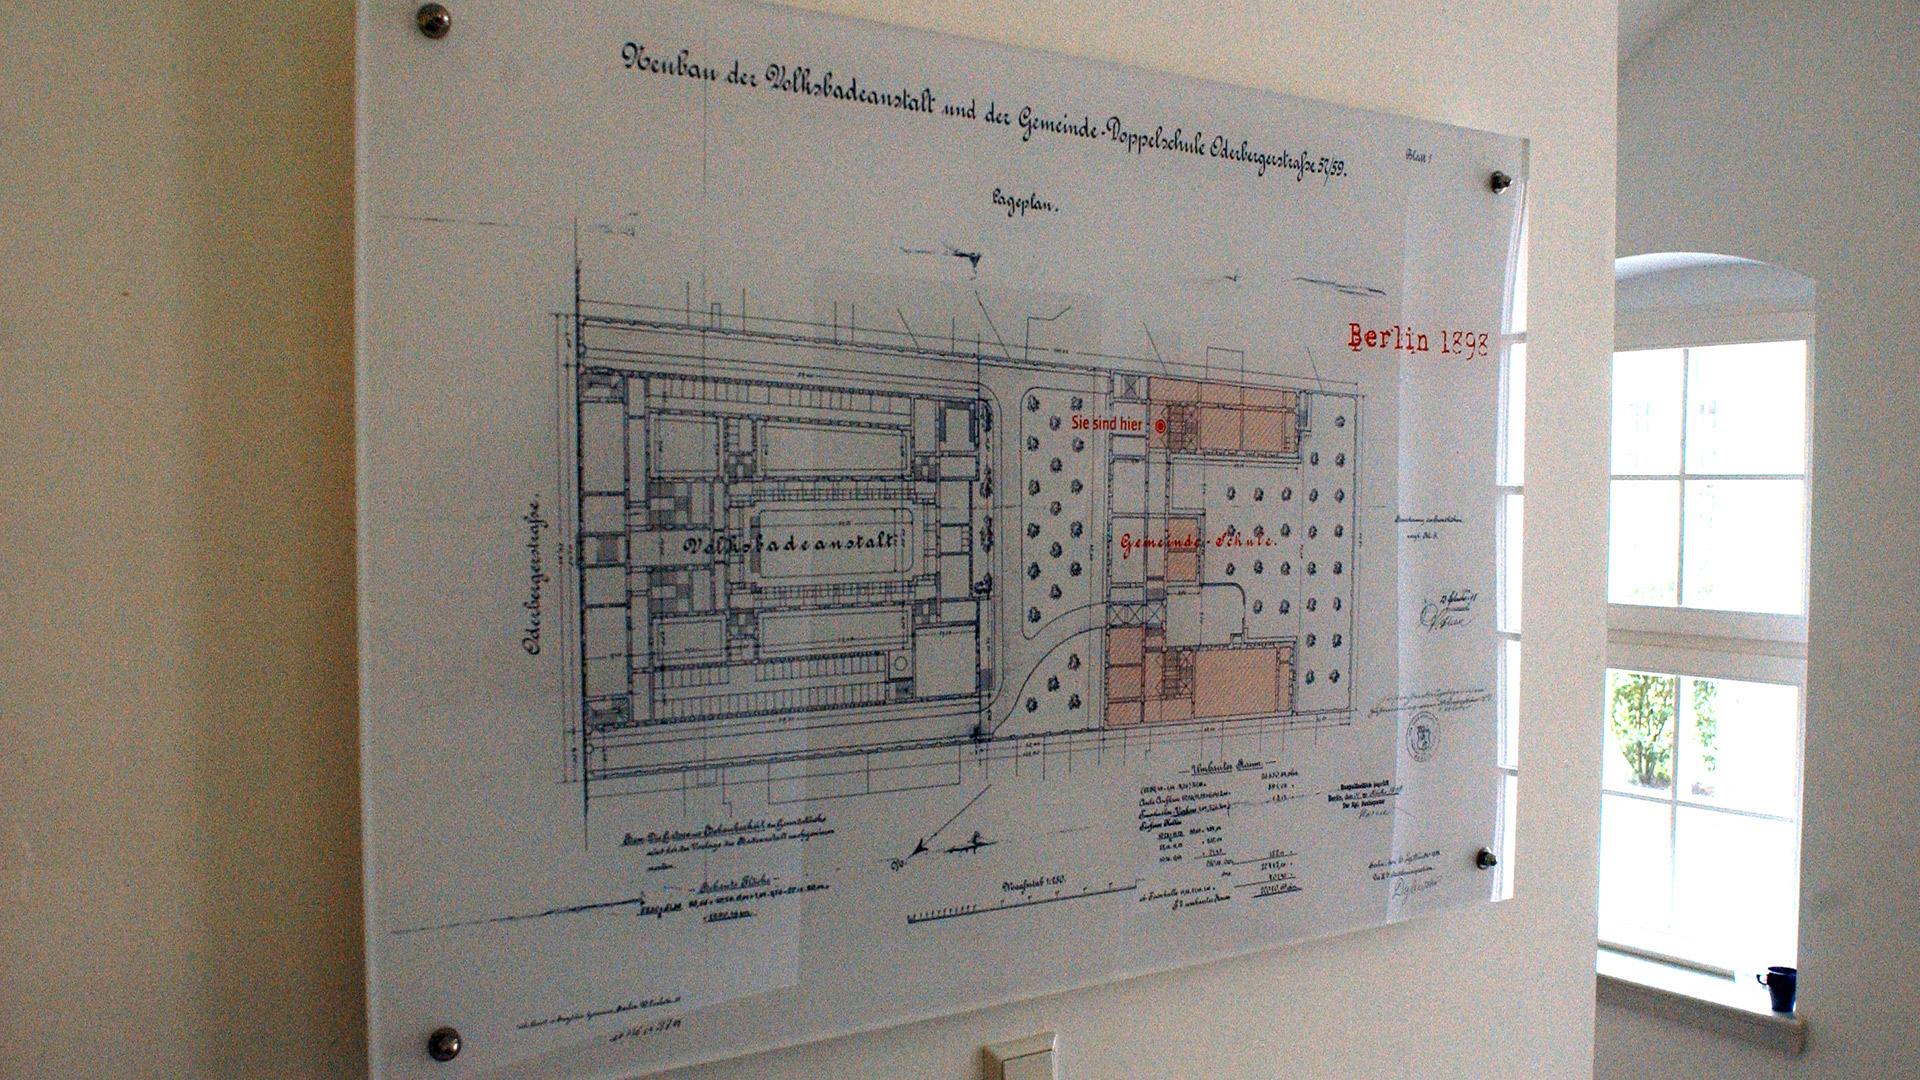 Ausstellung-GLS-Acryl-Matti-Michalke-Berlin-Brandenburg-Aussenwerbung-Innenwerbung-Banner-Planen-Folien-Werbemittel-Druck-Print